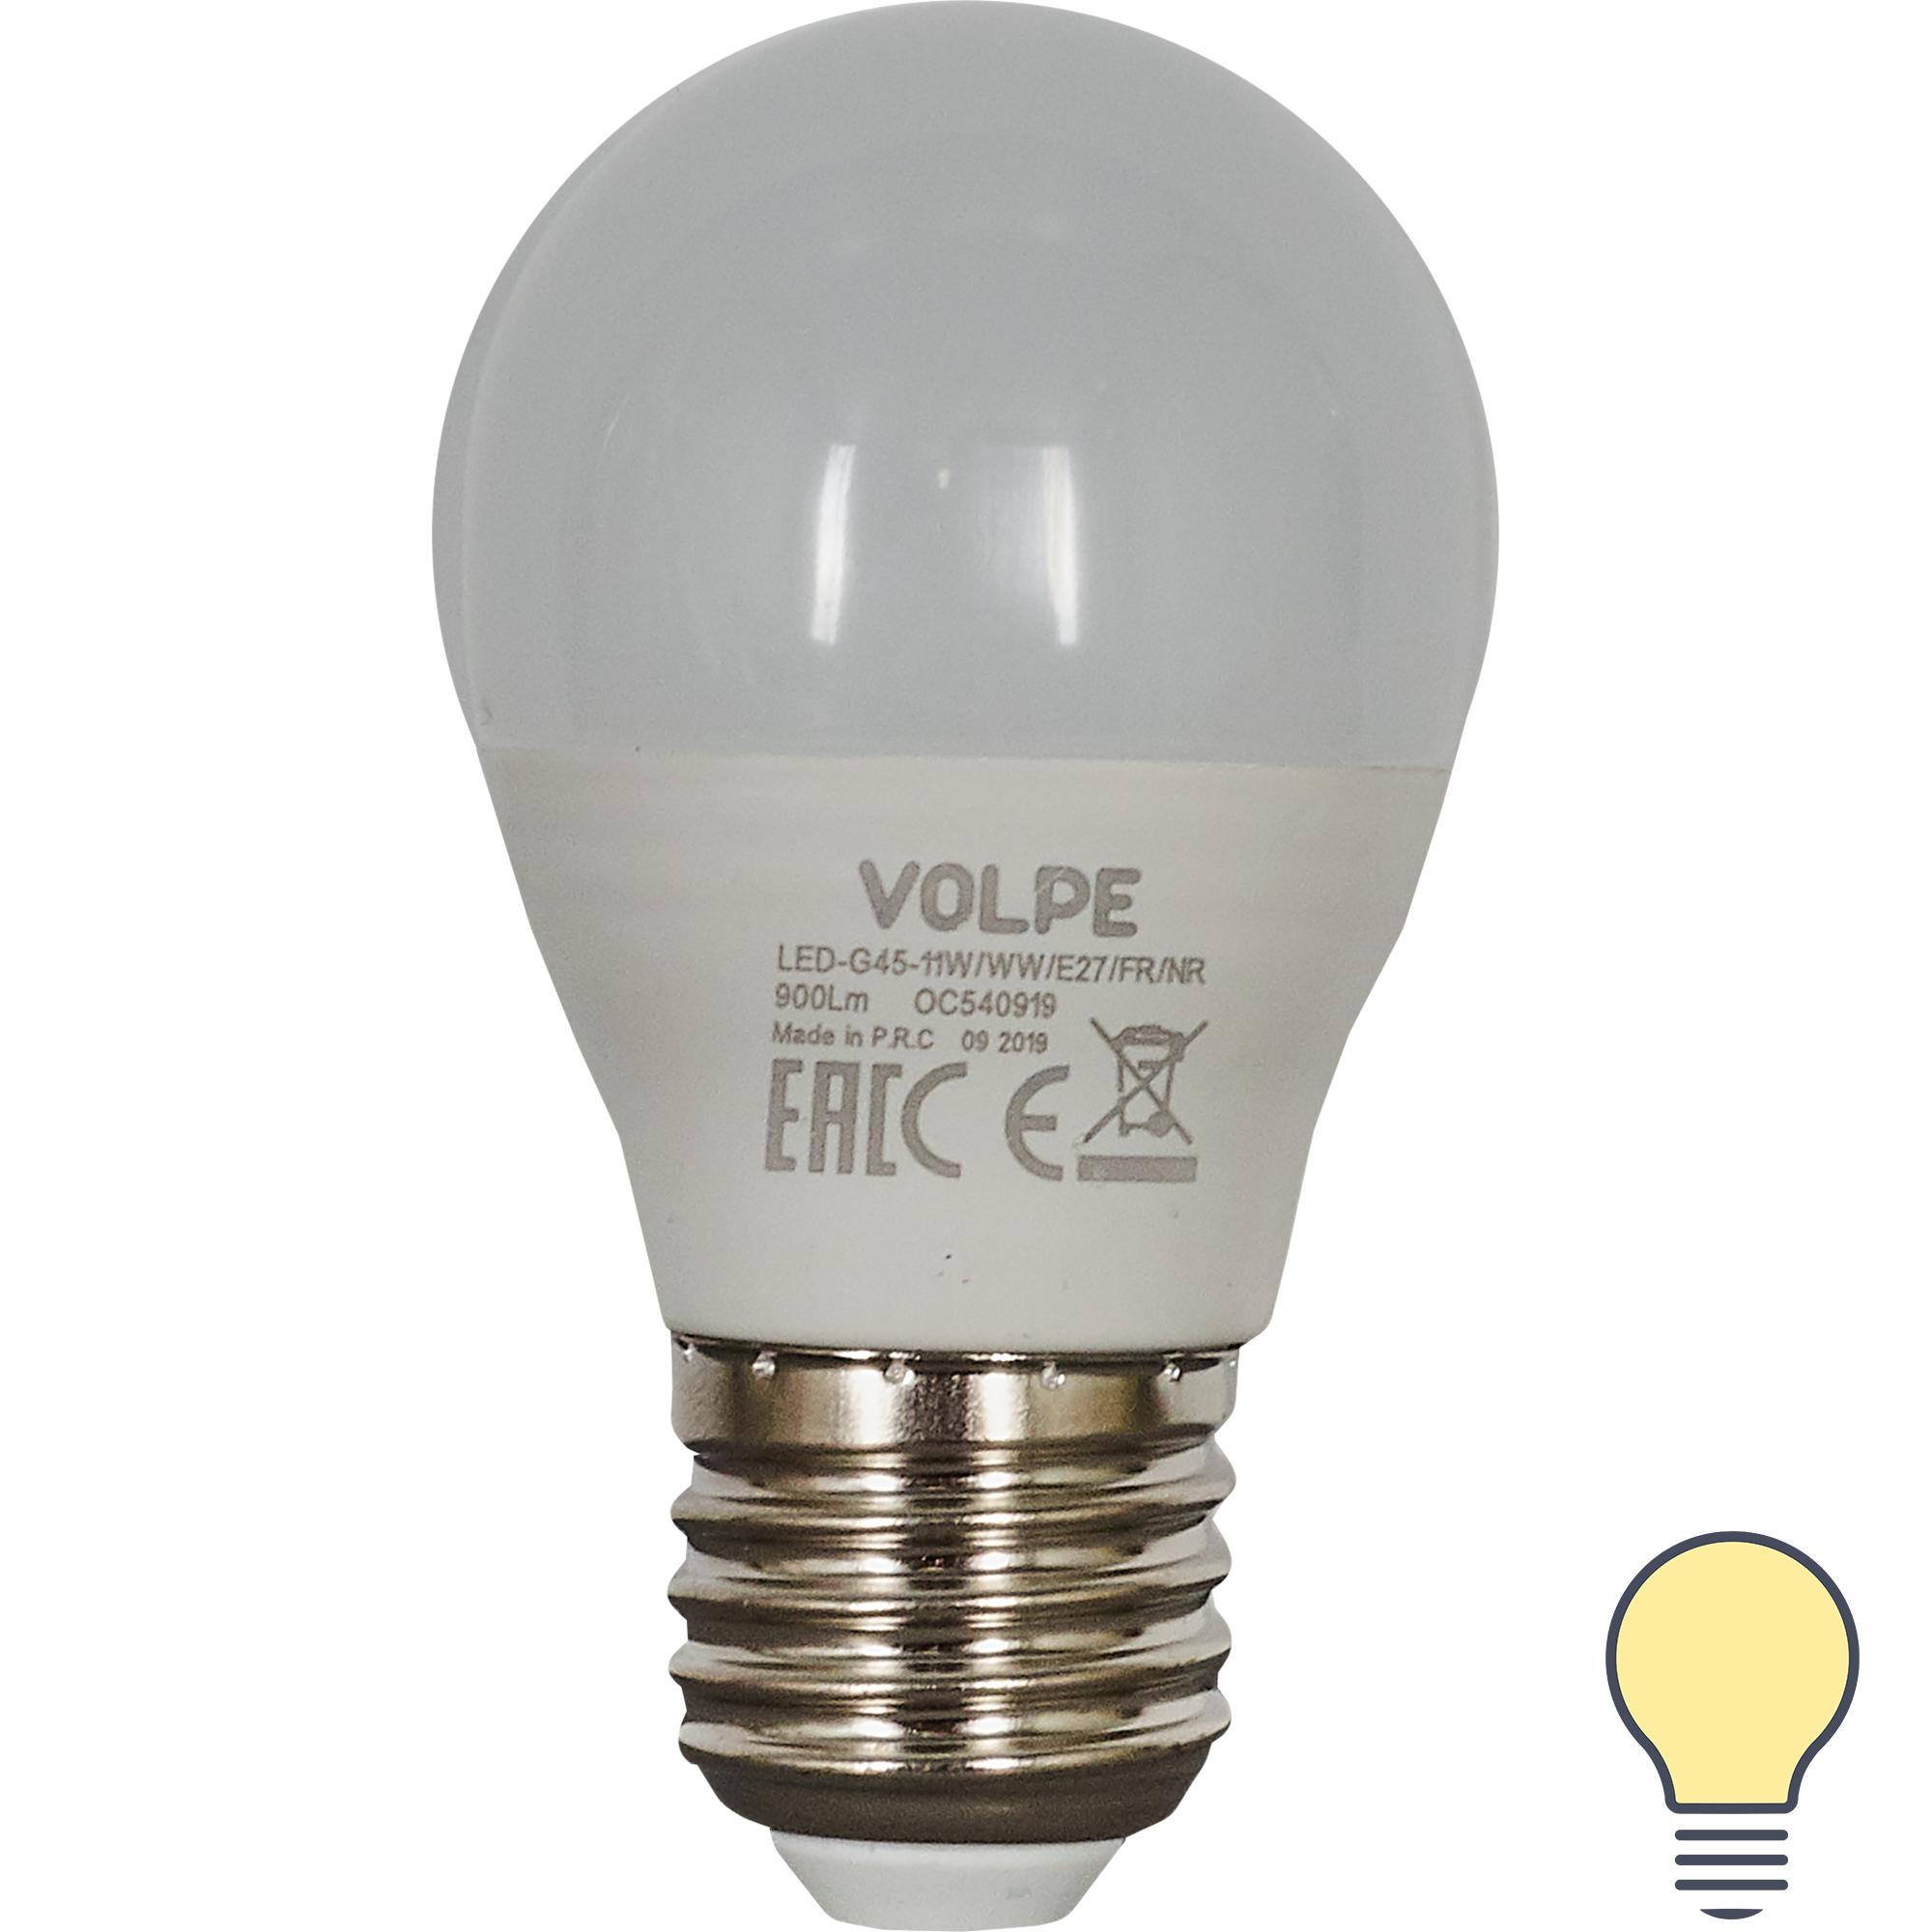 Лампа светодиодная Volpe Norma E27 220 В 11 Вт шар 900 лм тёплый белый свет